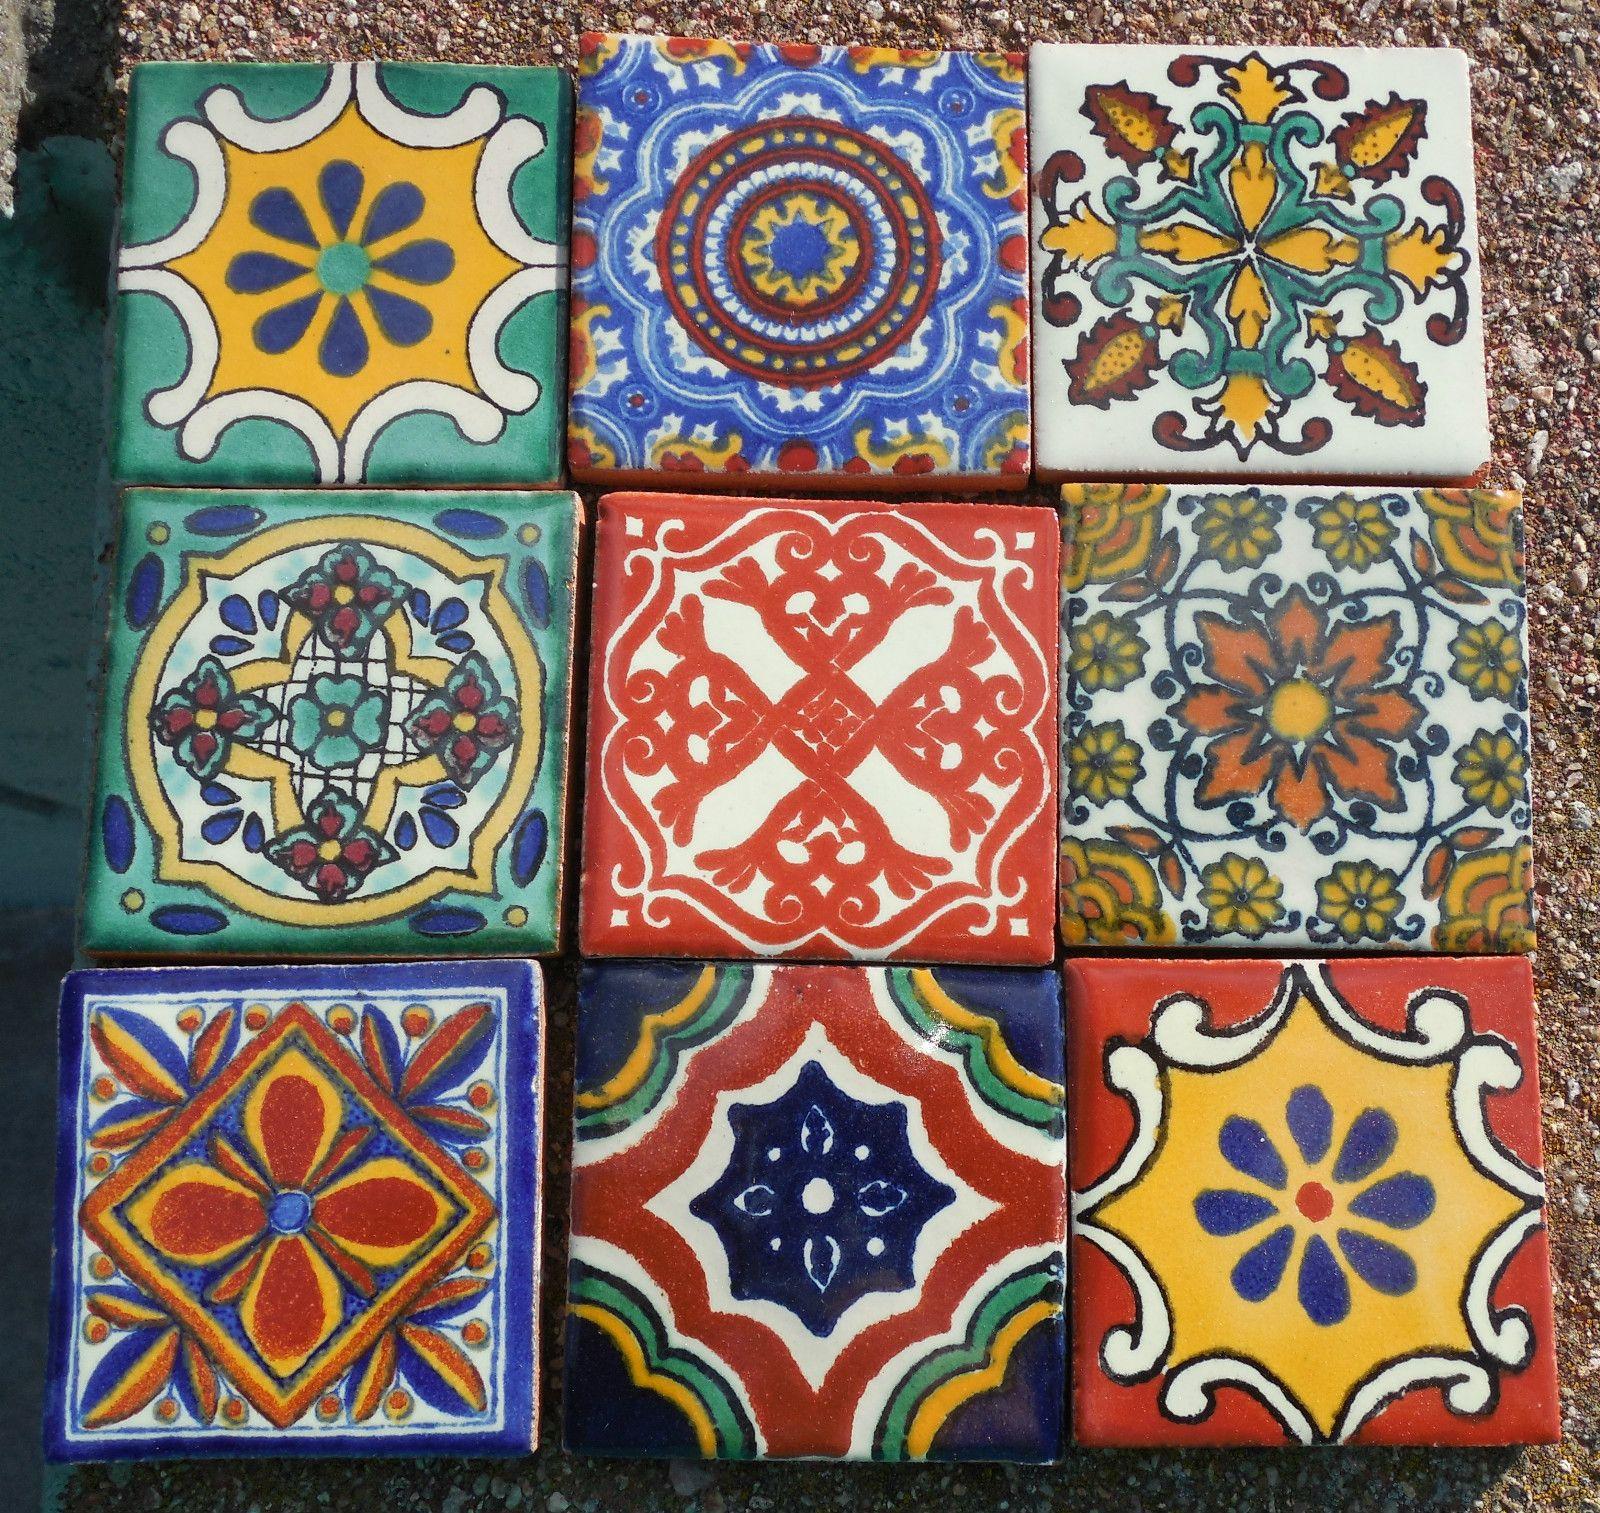 Diversas clases de azulejo mexicano p rr su casa dise o de interiores interiores varios tipos de - Cursos de diseno de interiores gratis ...